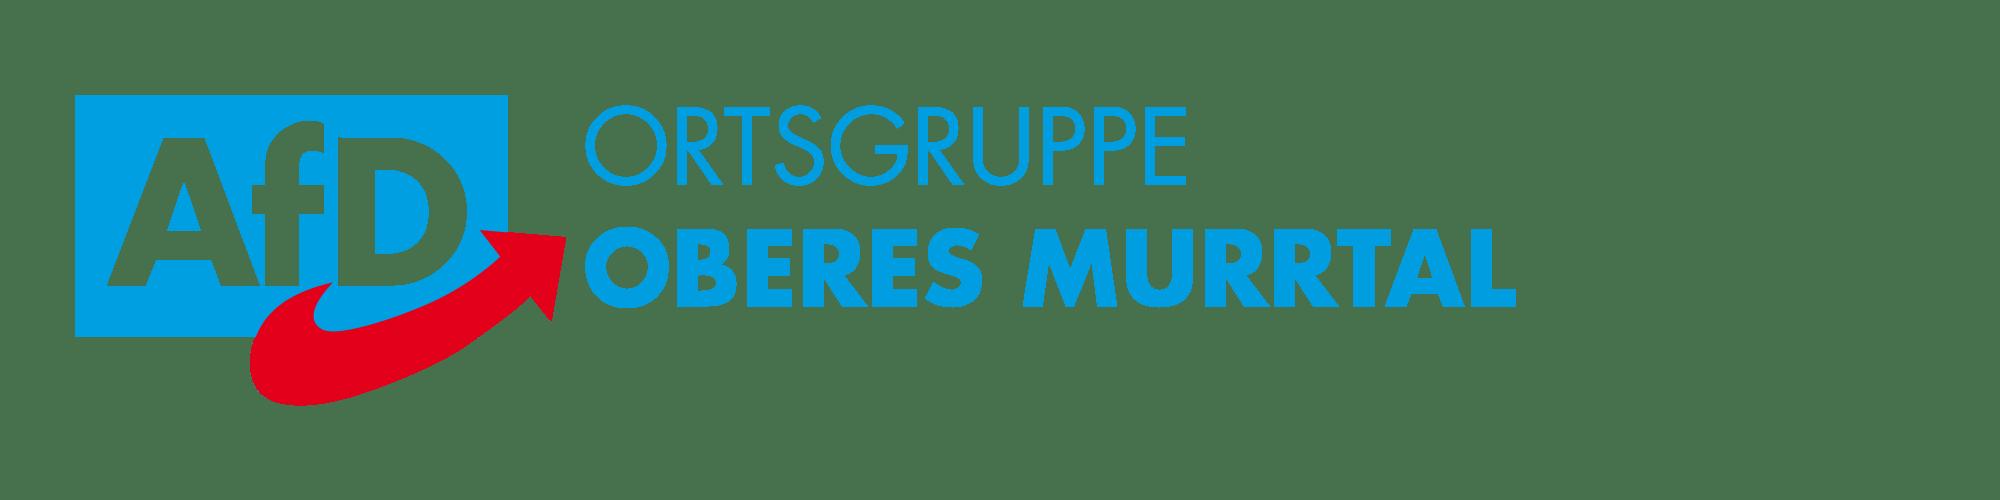 Ortsgruppe Oberes Murrtal